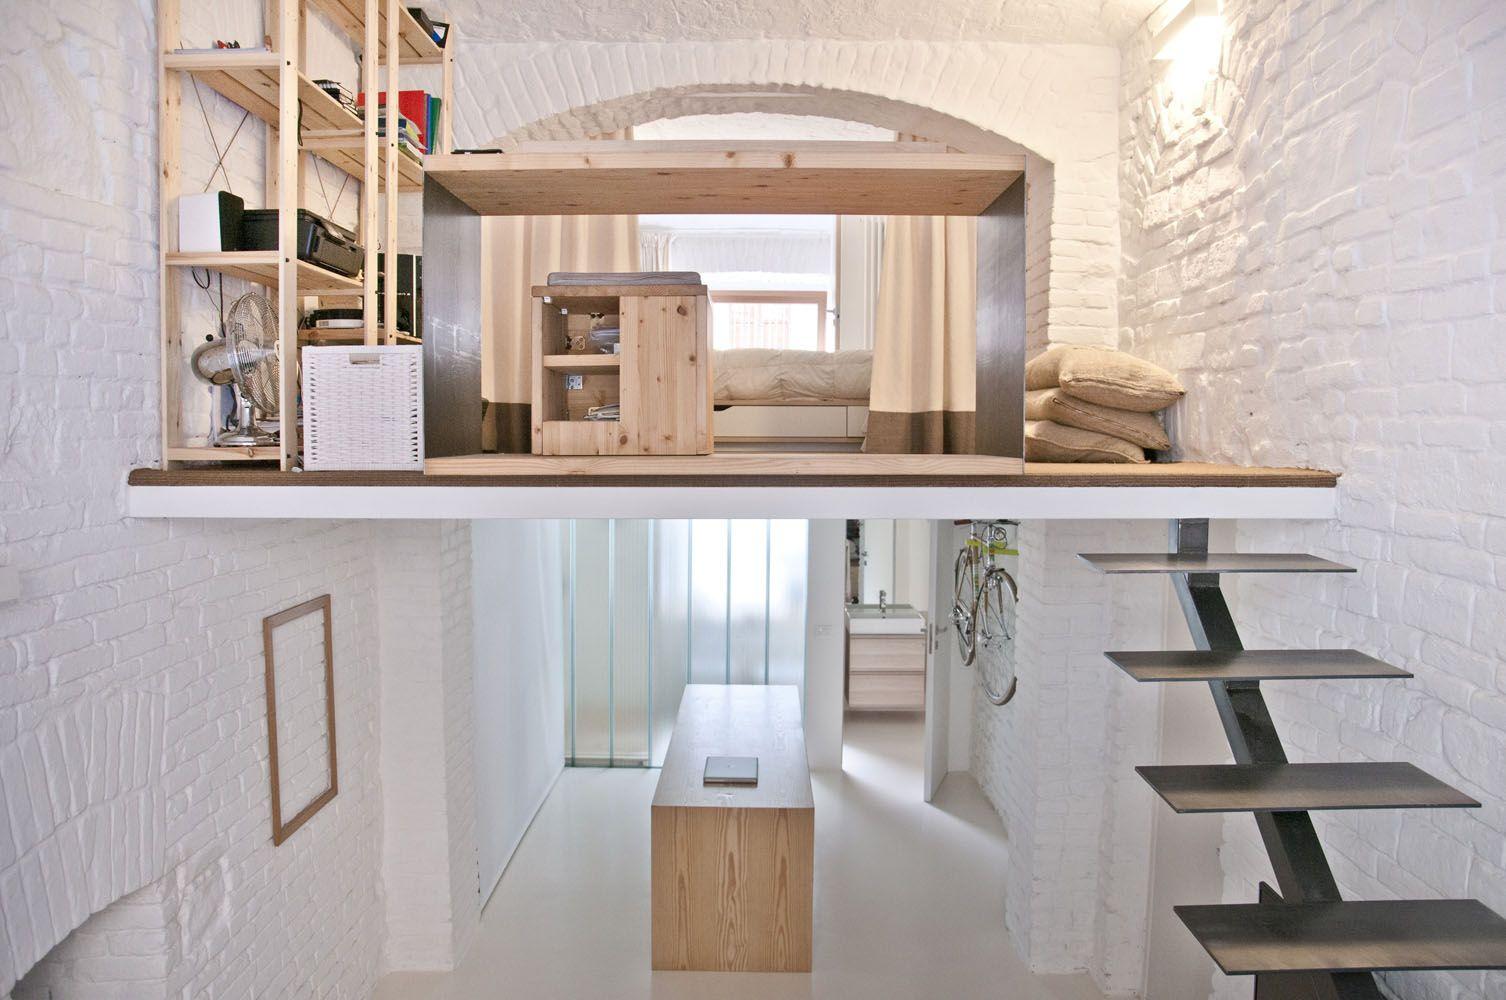 Studio Apartment Loft studio apartment - r3architetti | interieurarchitectuur